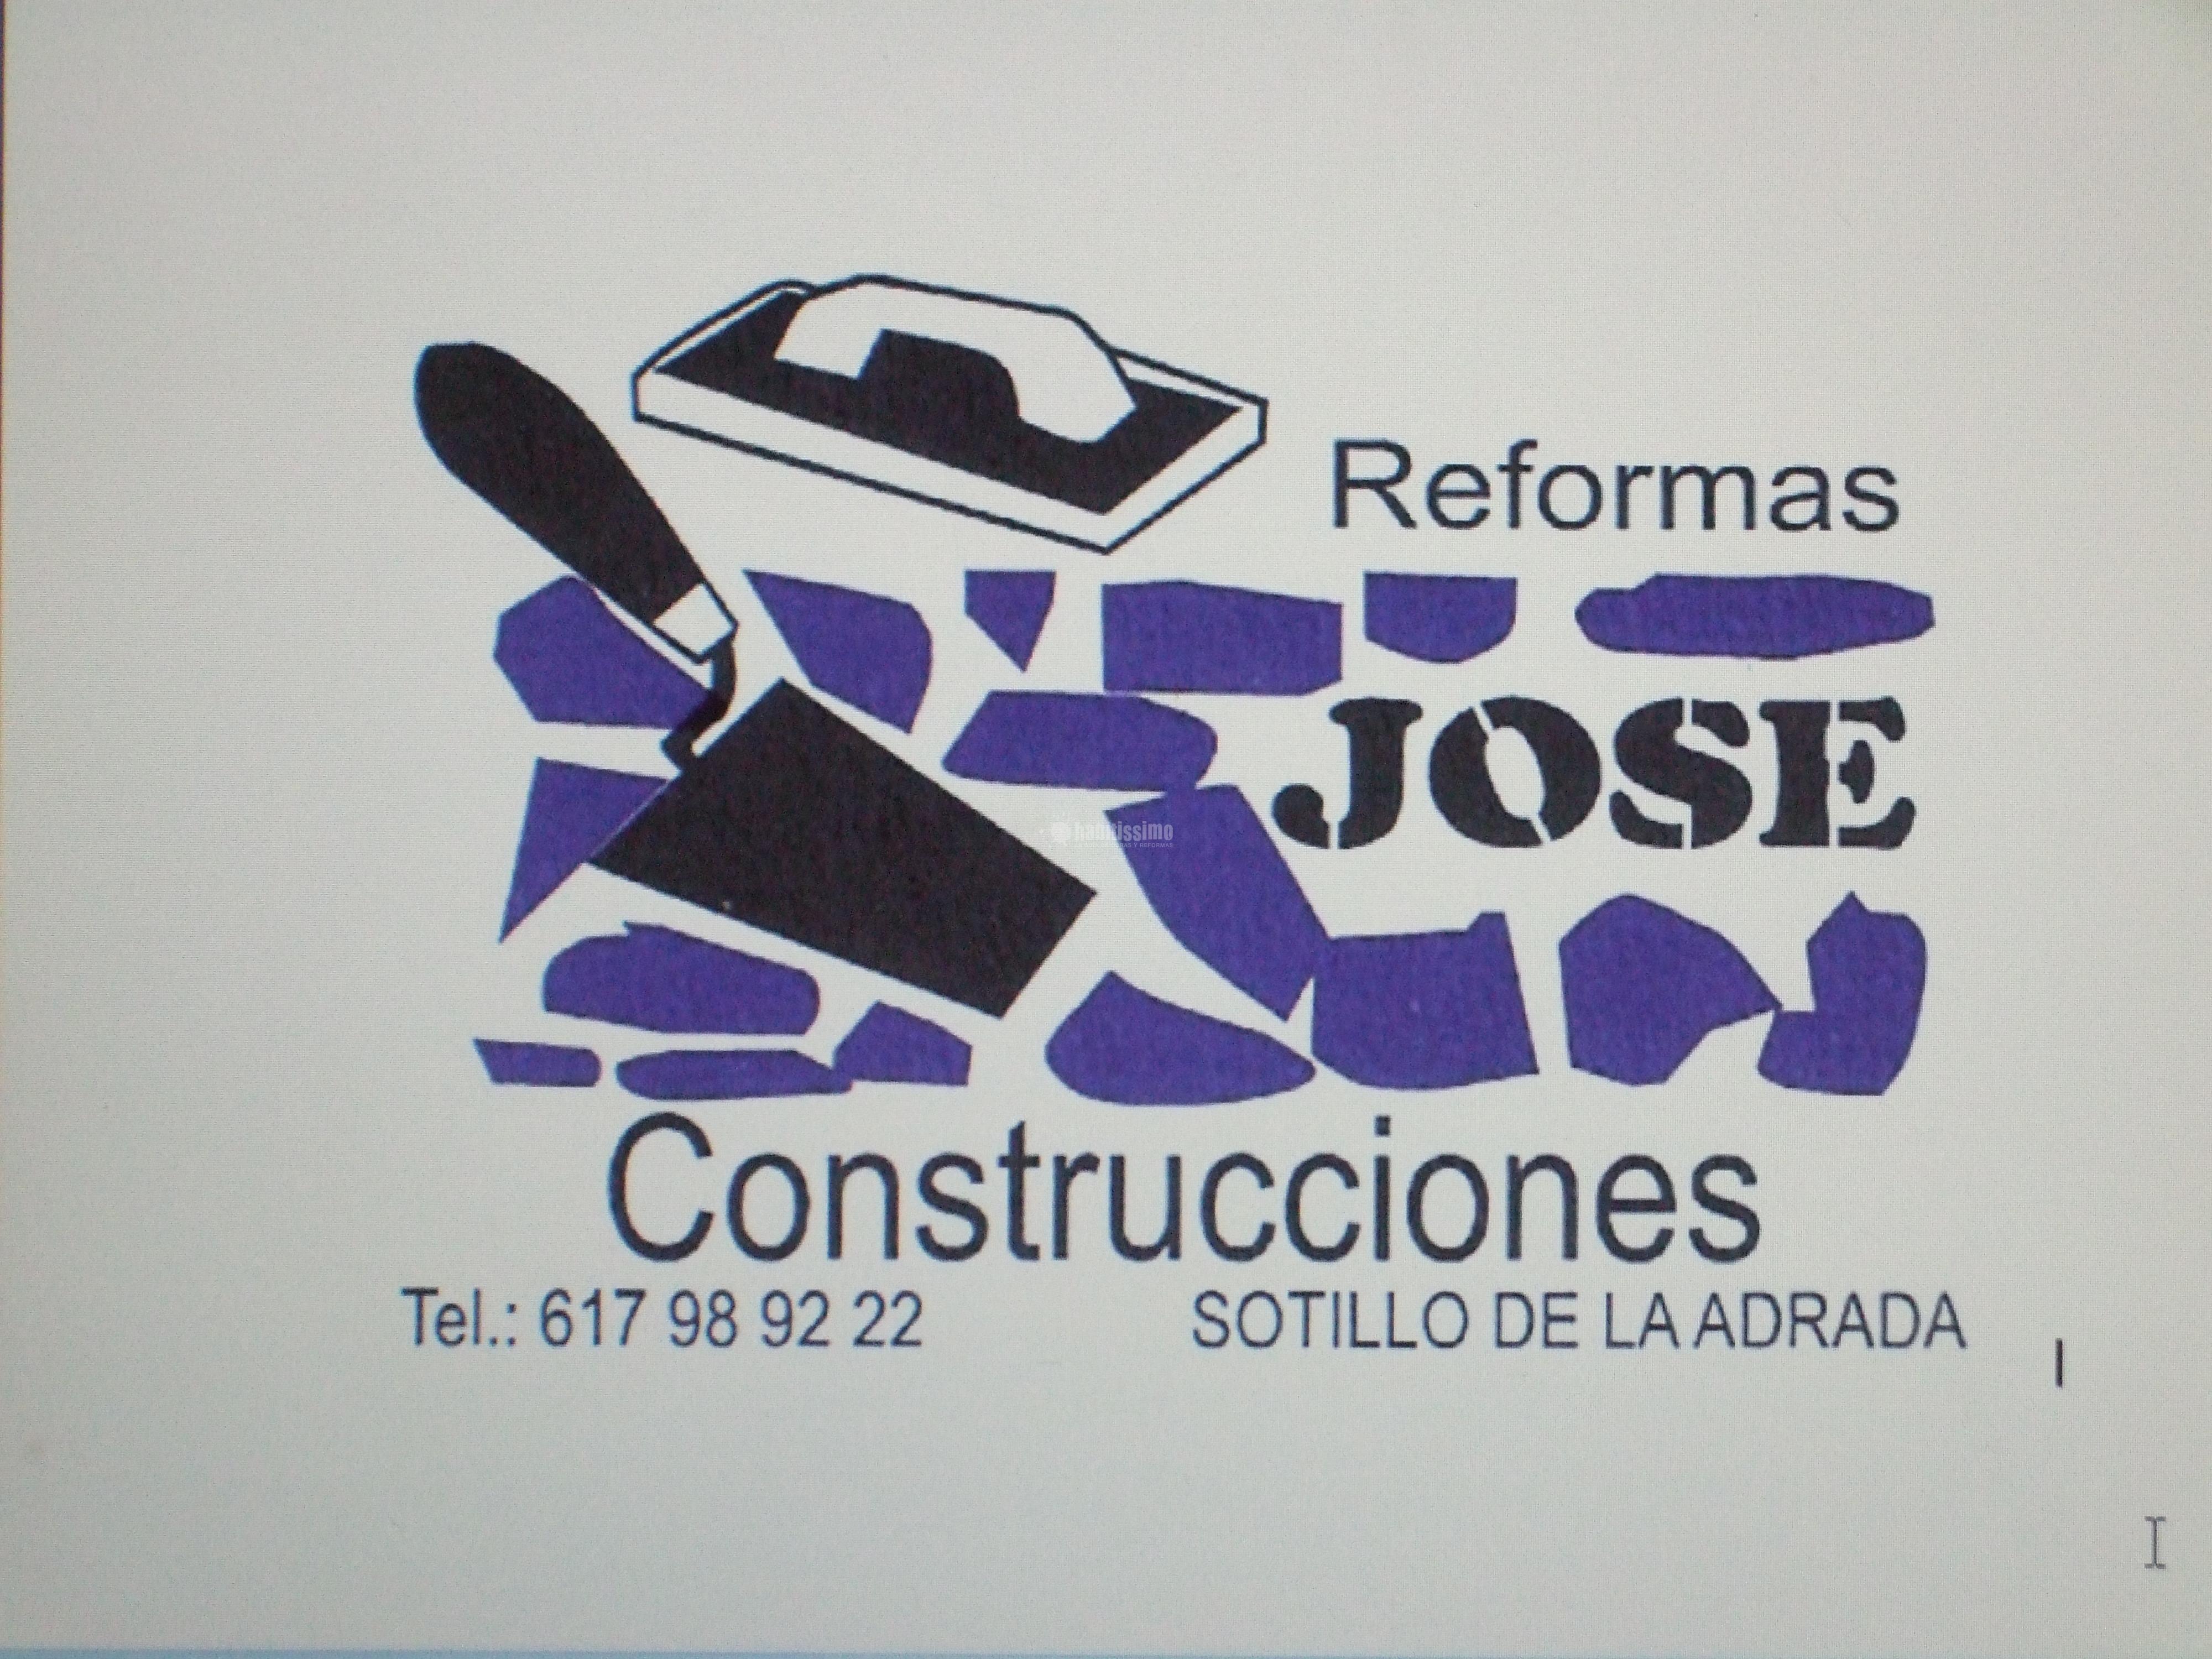 construcciones y reformas jose